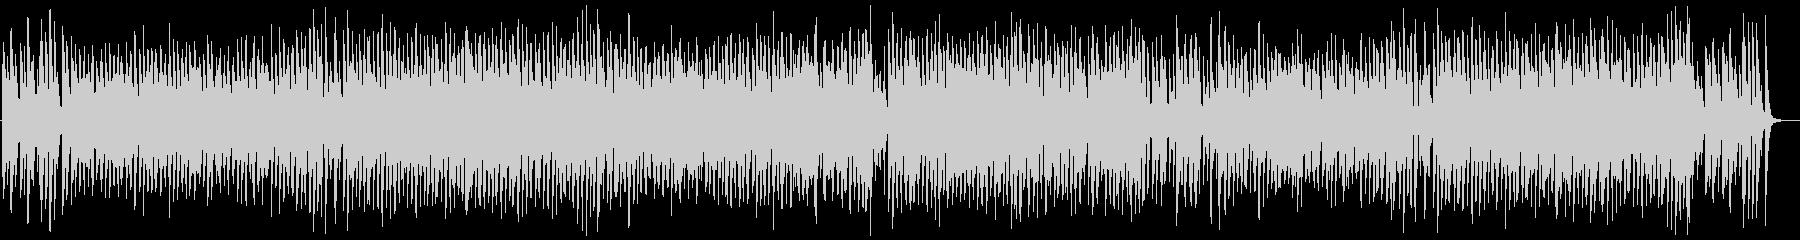 ジングルベル/ピアノトリオジャズの未再生の波形